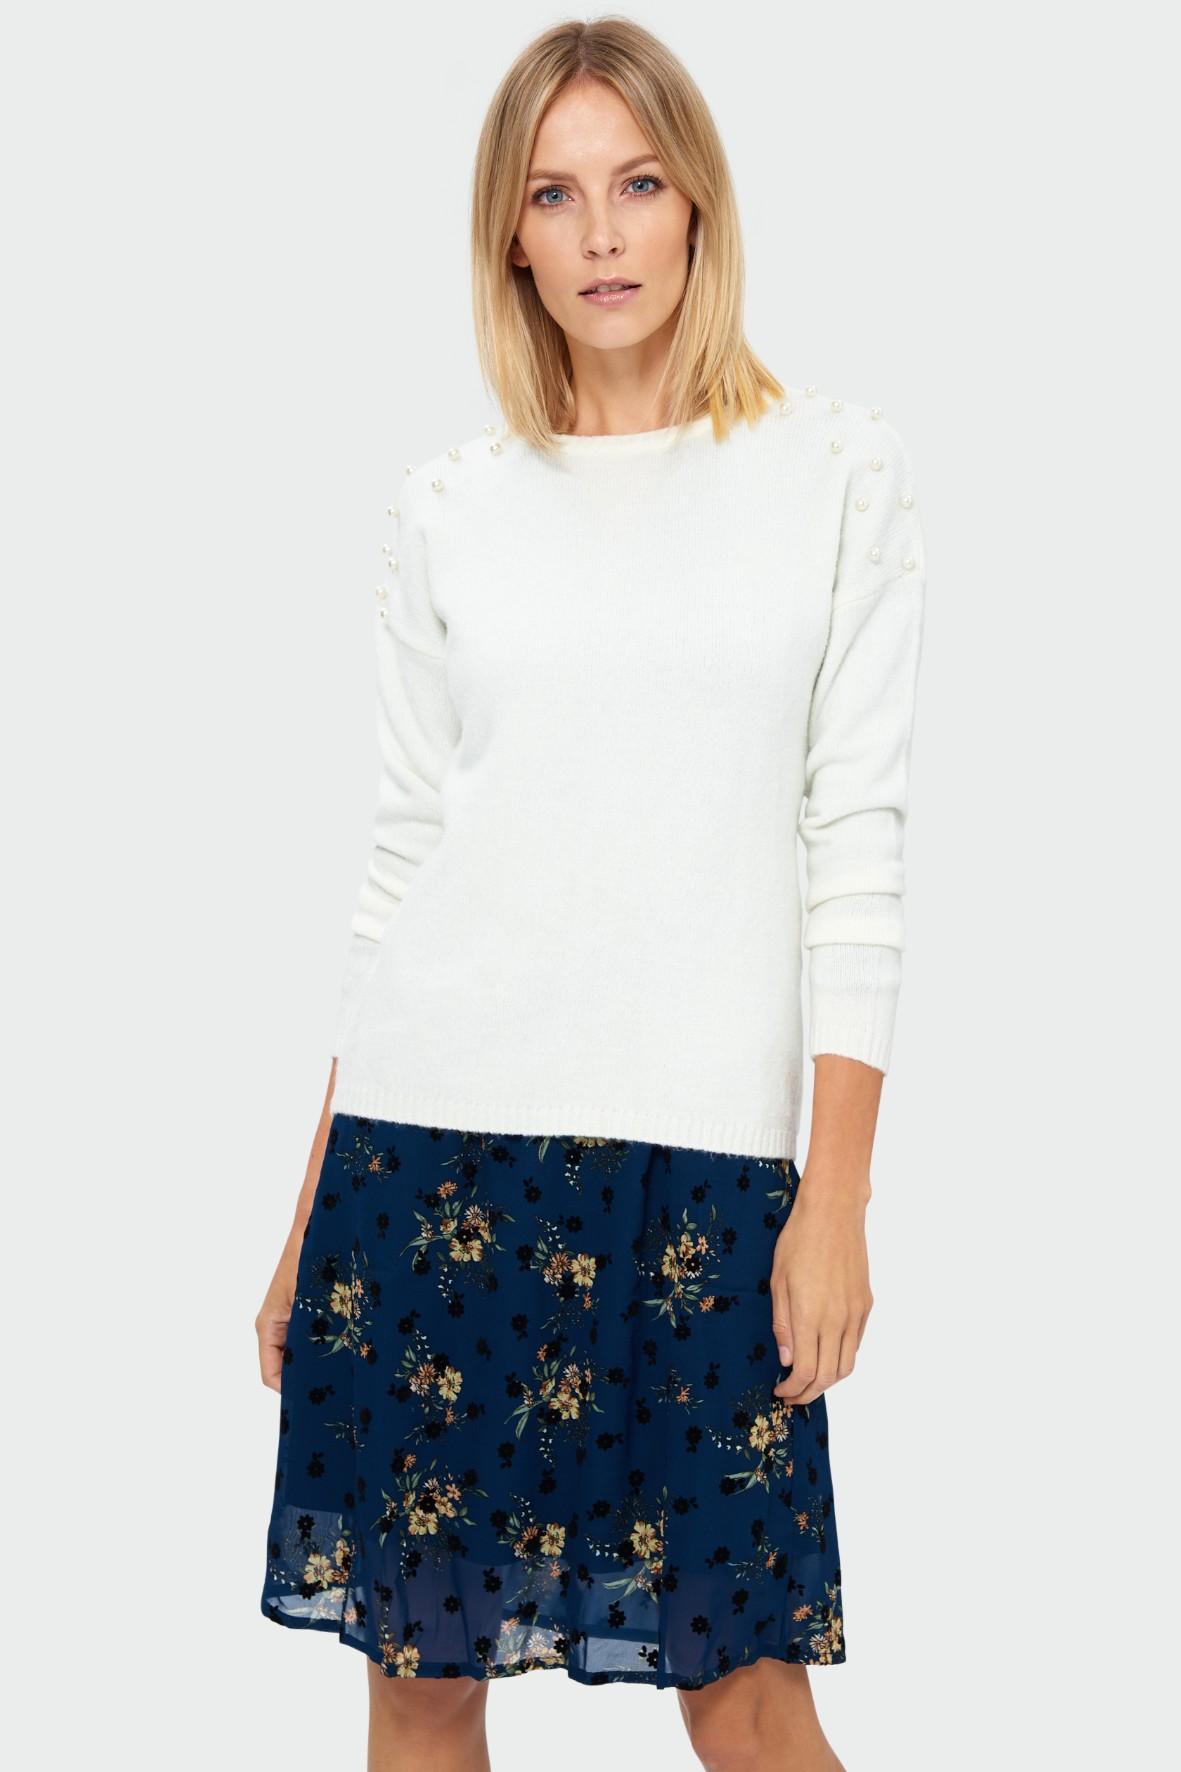 Miękki sweter o luźnym kroju - biały z perełkami na rękawach